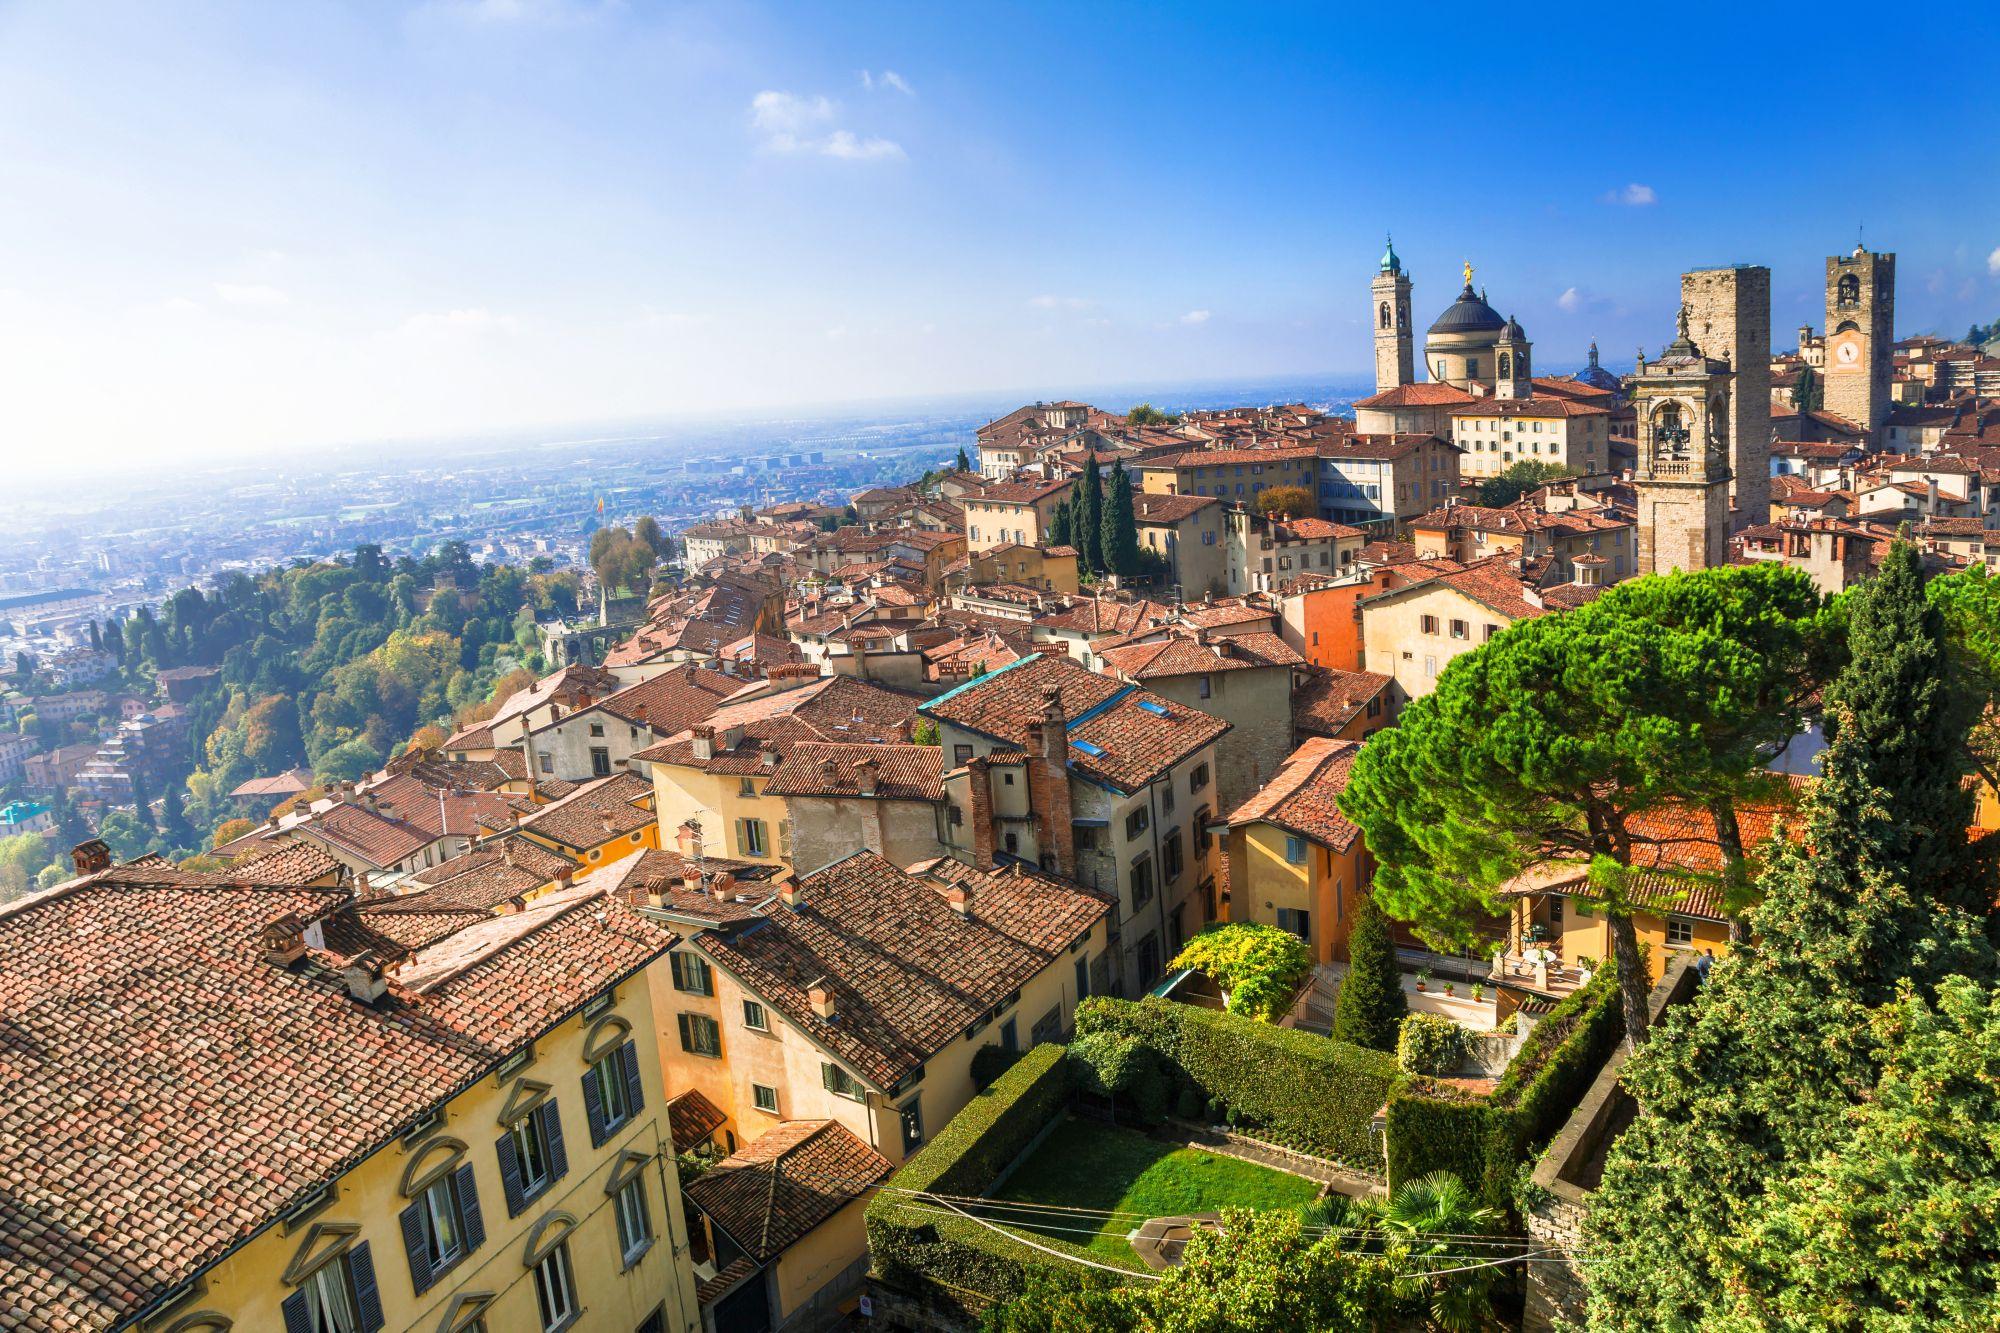 Bergamo widok miasta